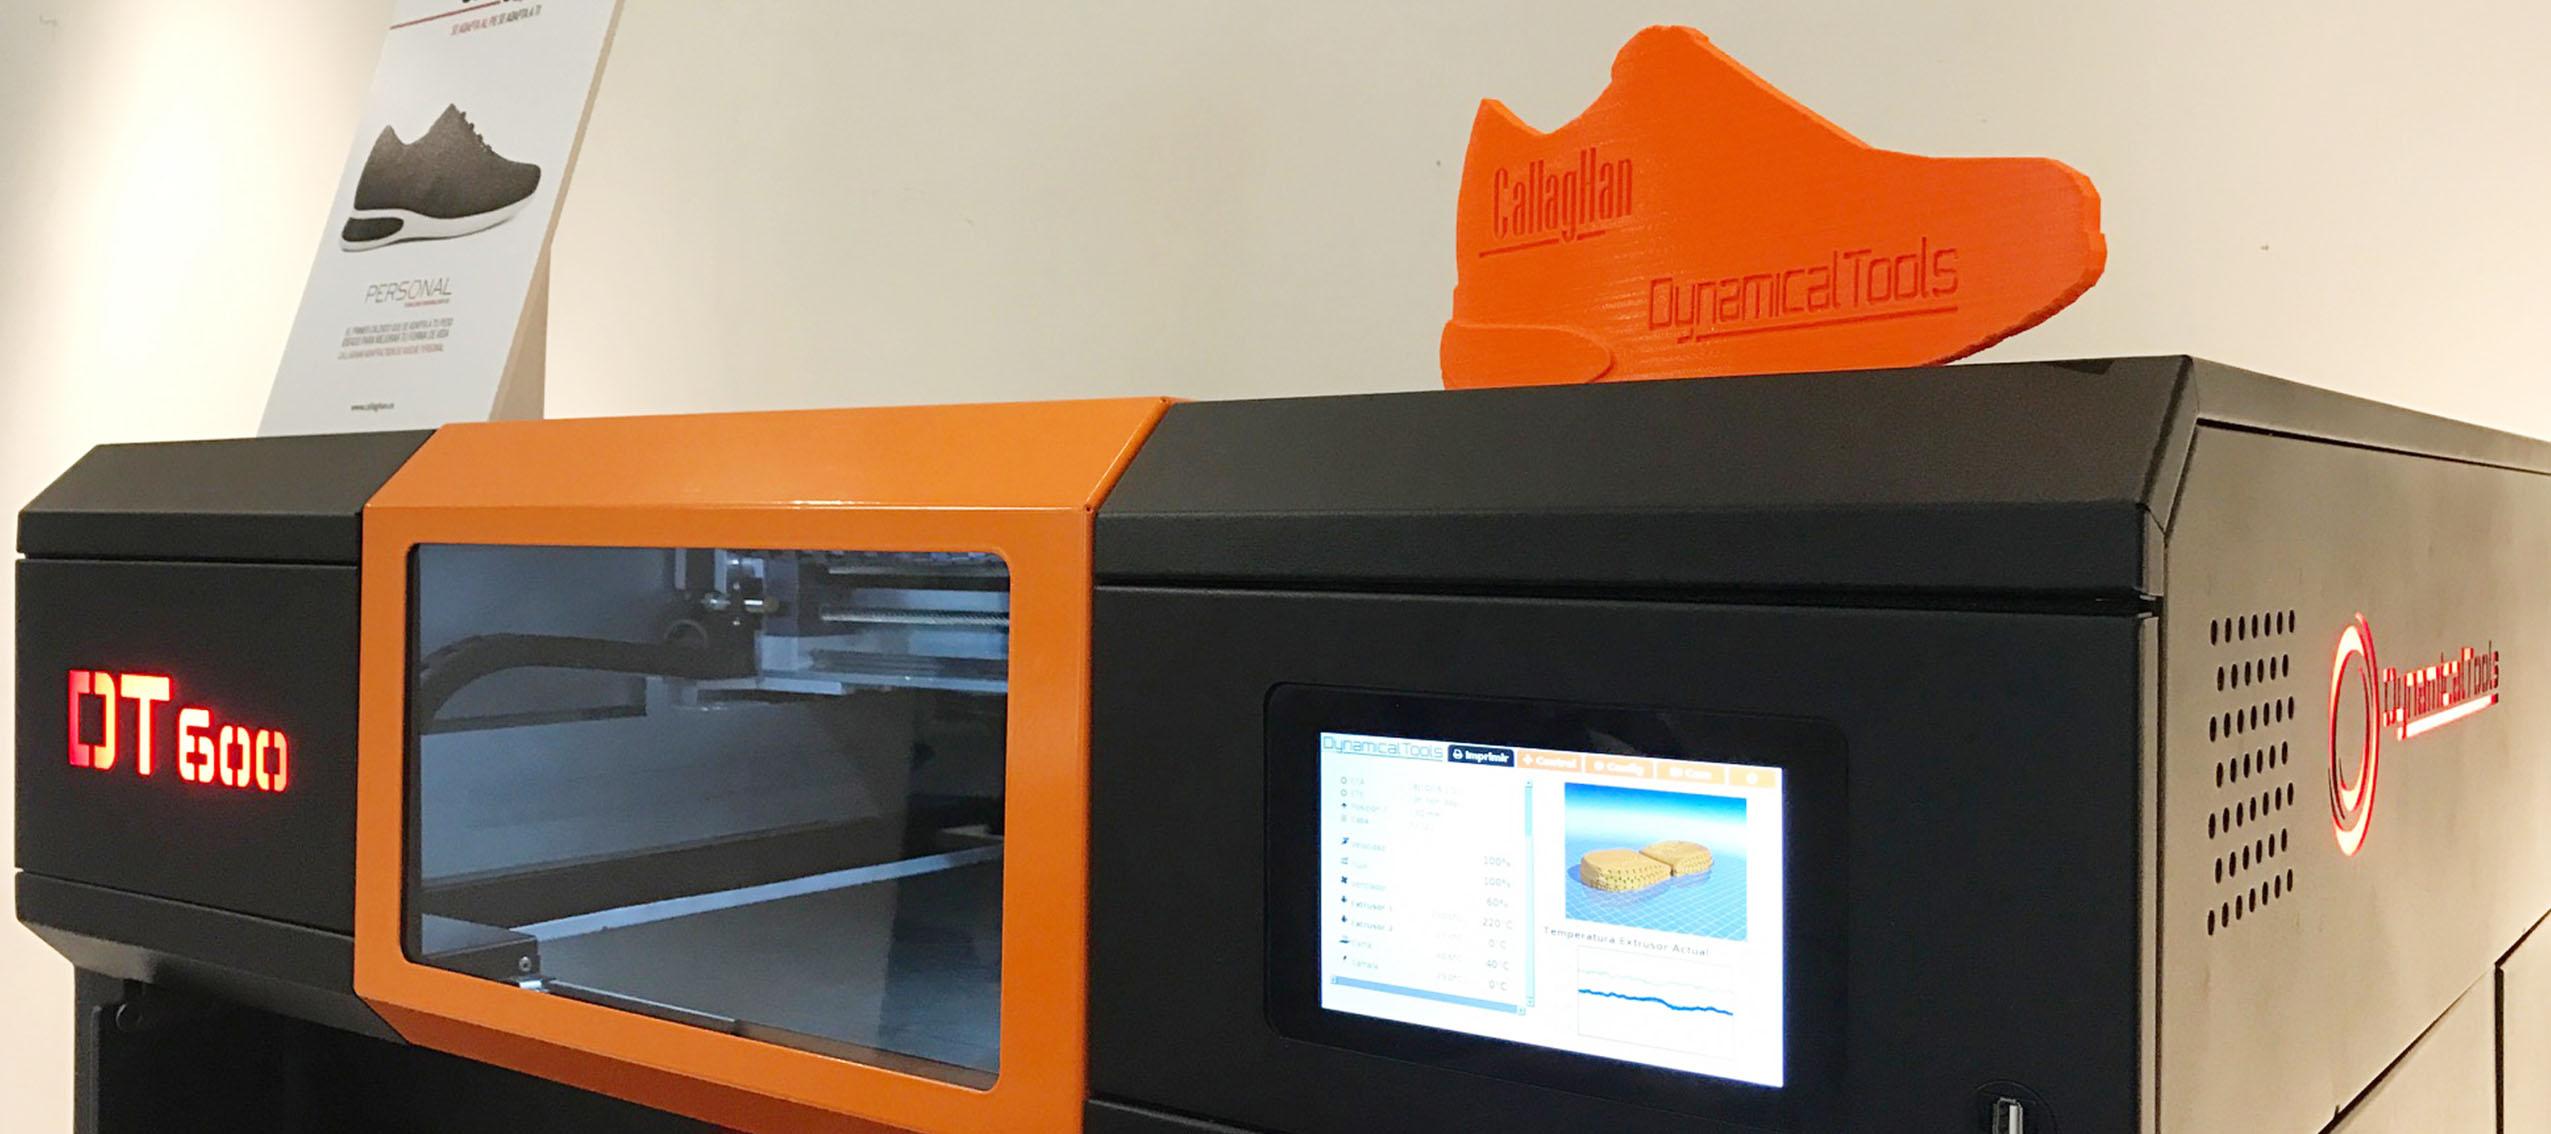 Callaghan utiliza la impresora 3D DT600 de Dynamical Tools en su última tecnología de calzado